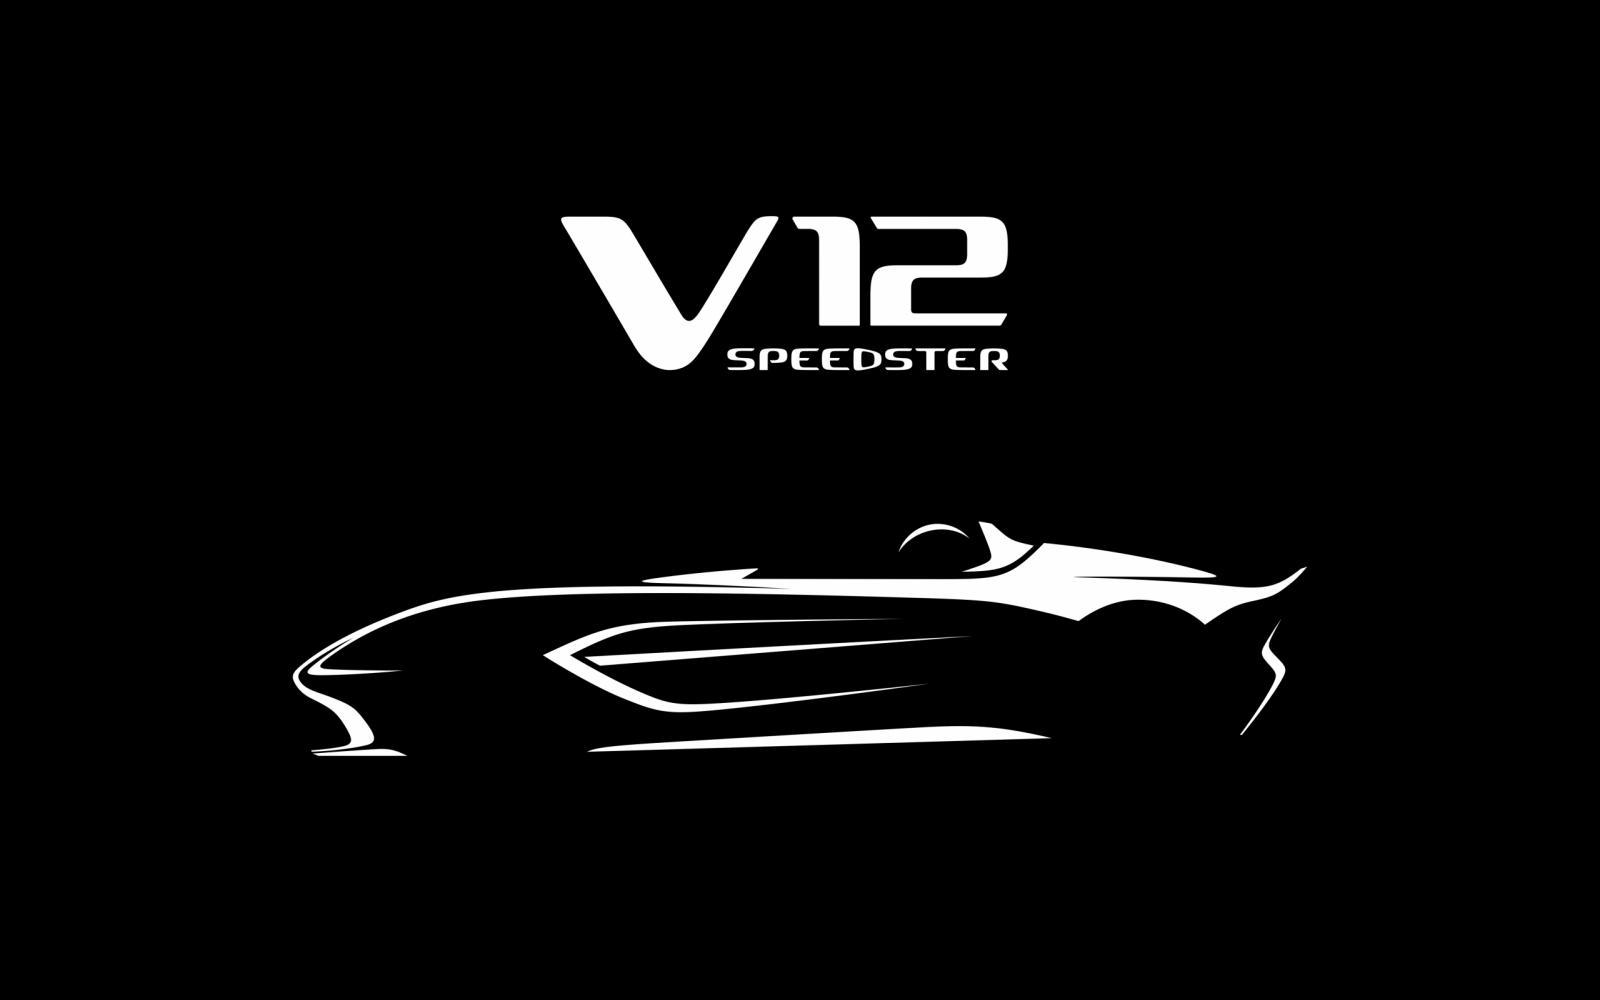 De Aston Martin V12 Speedster is niet voor pruikendragers